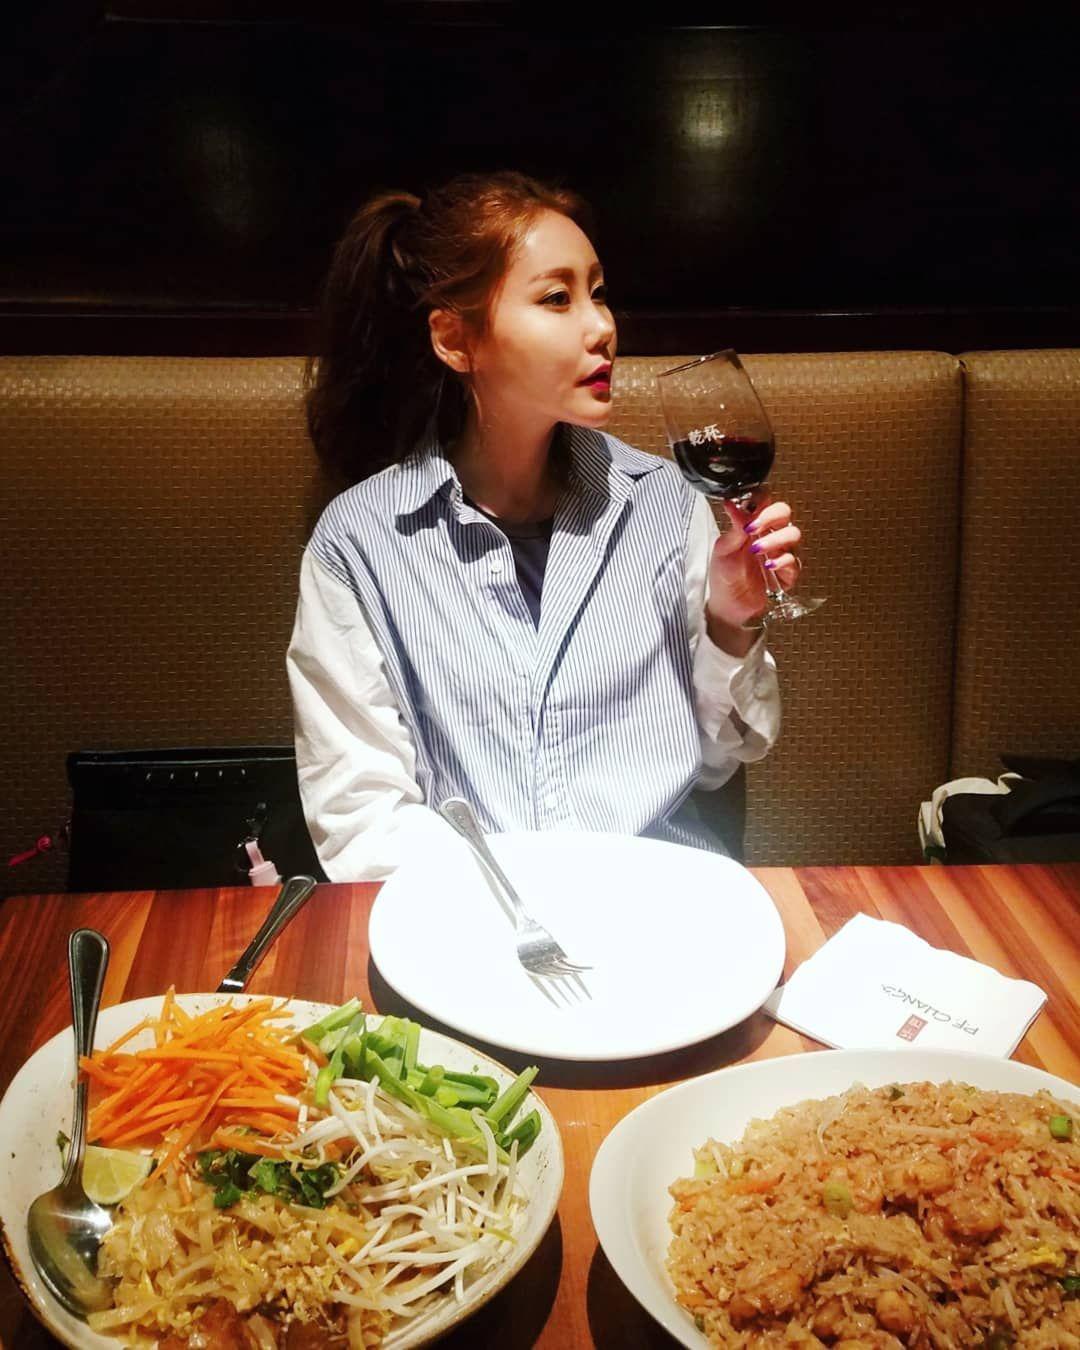 Chinese Night Pfchangs Yum Yum Winelover Chinese Food Cheers Chic Casino Redwine Yummy Hotel Mood Friedrice Dum Yum Hungry Food